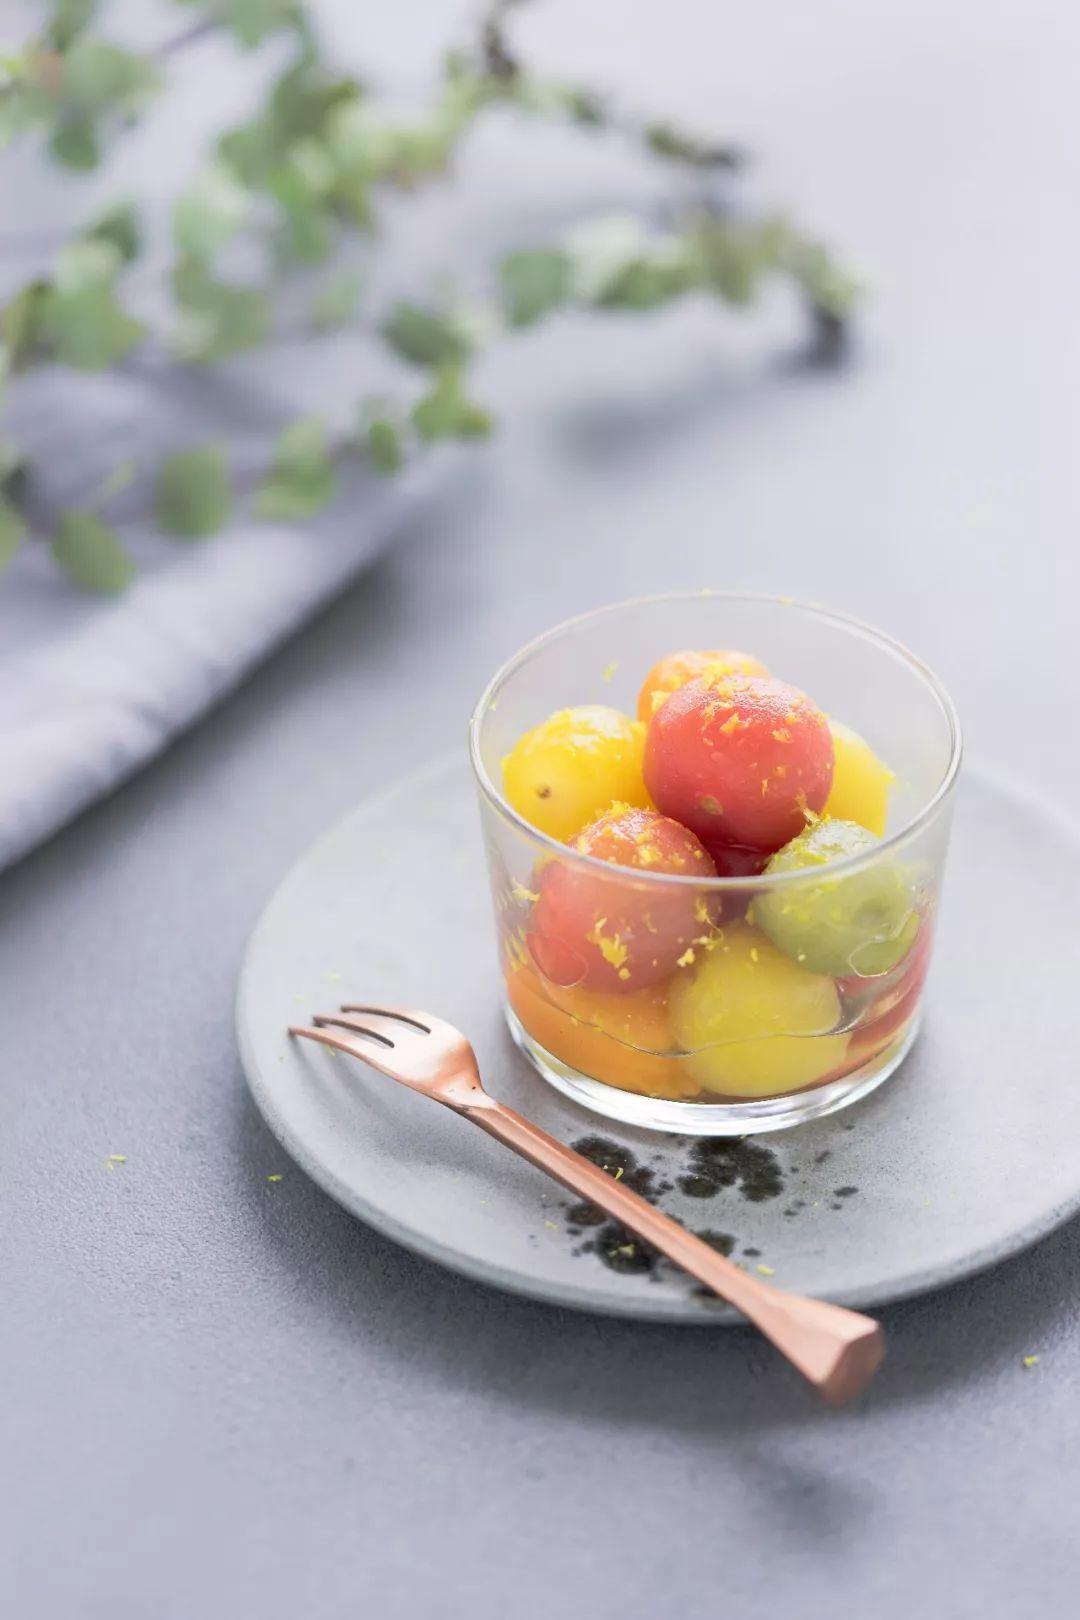 夏日必吃的冰镇话梅小番茄